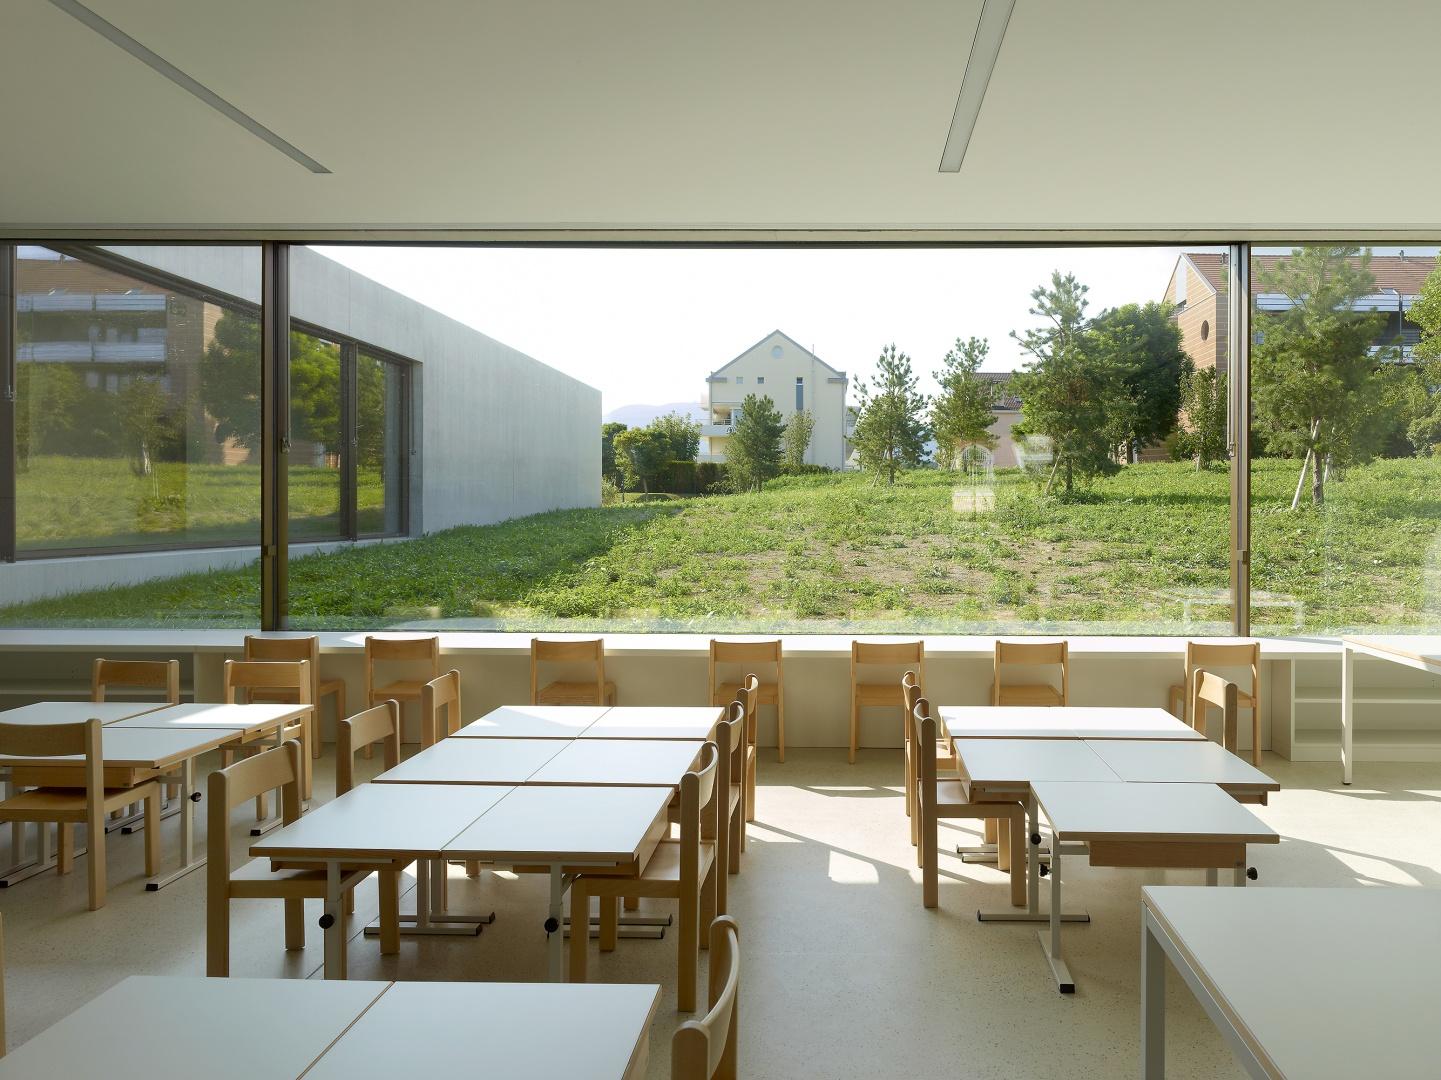 Klassenraum mit Gartensicht  © Thomas Jantscher